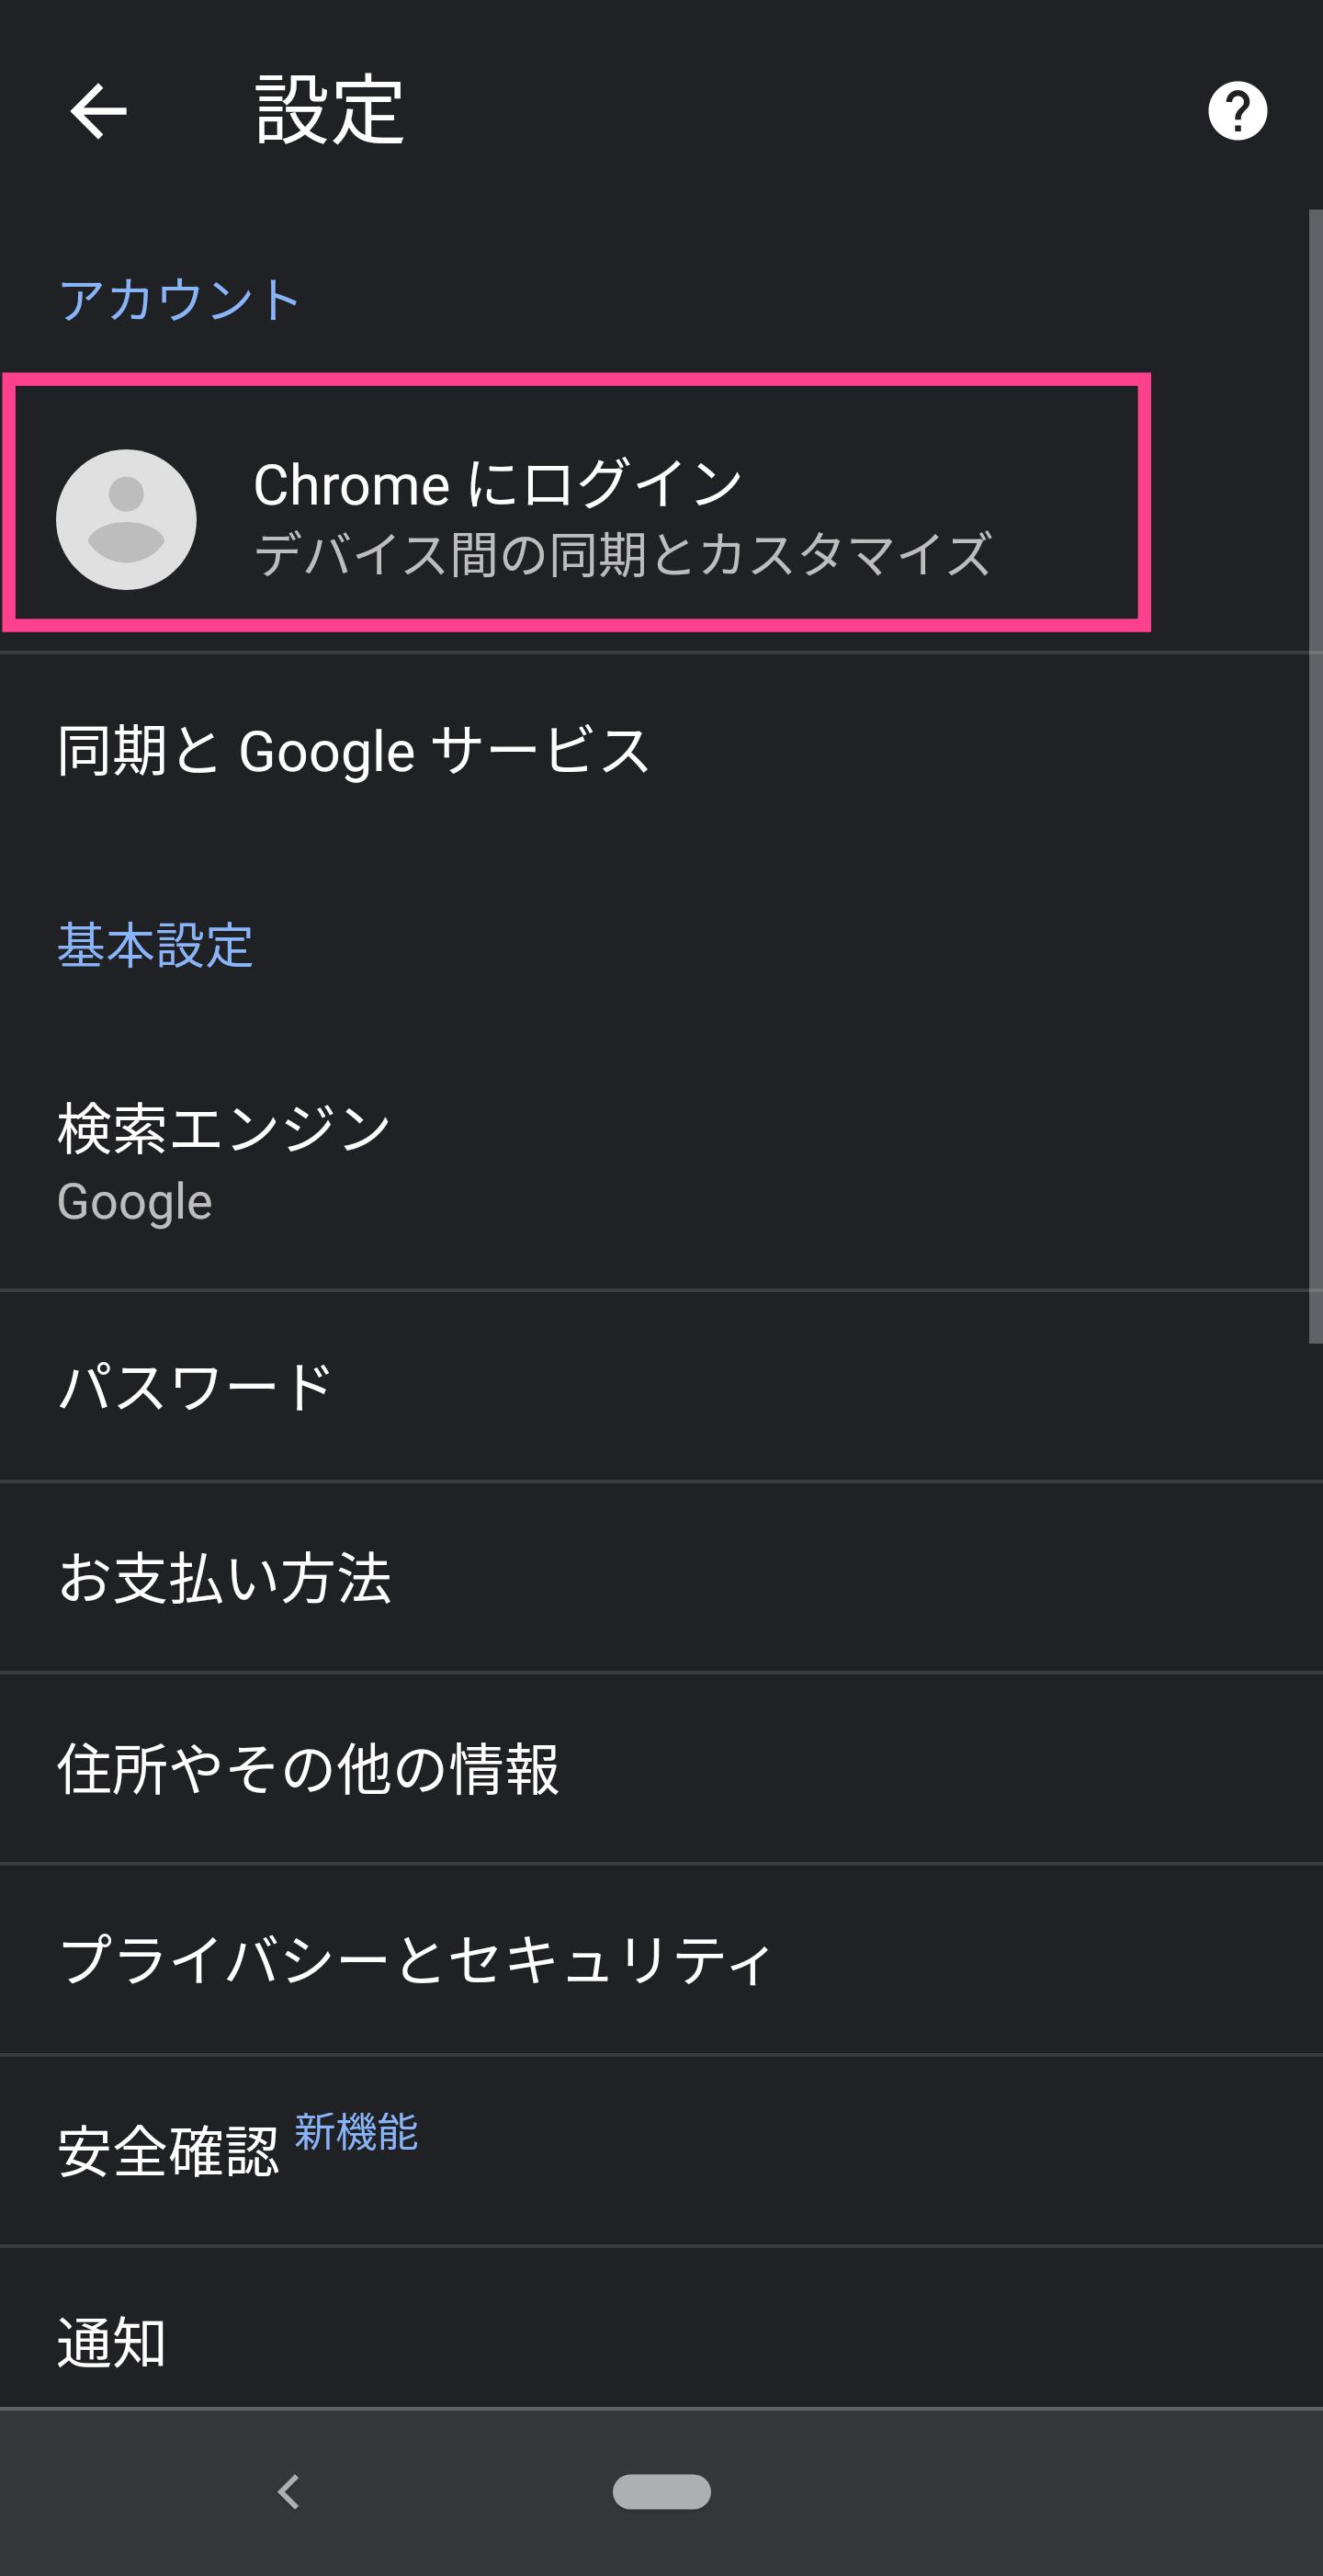 Chromeスマホでログイン